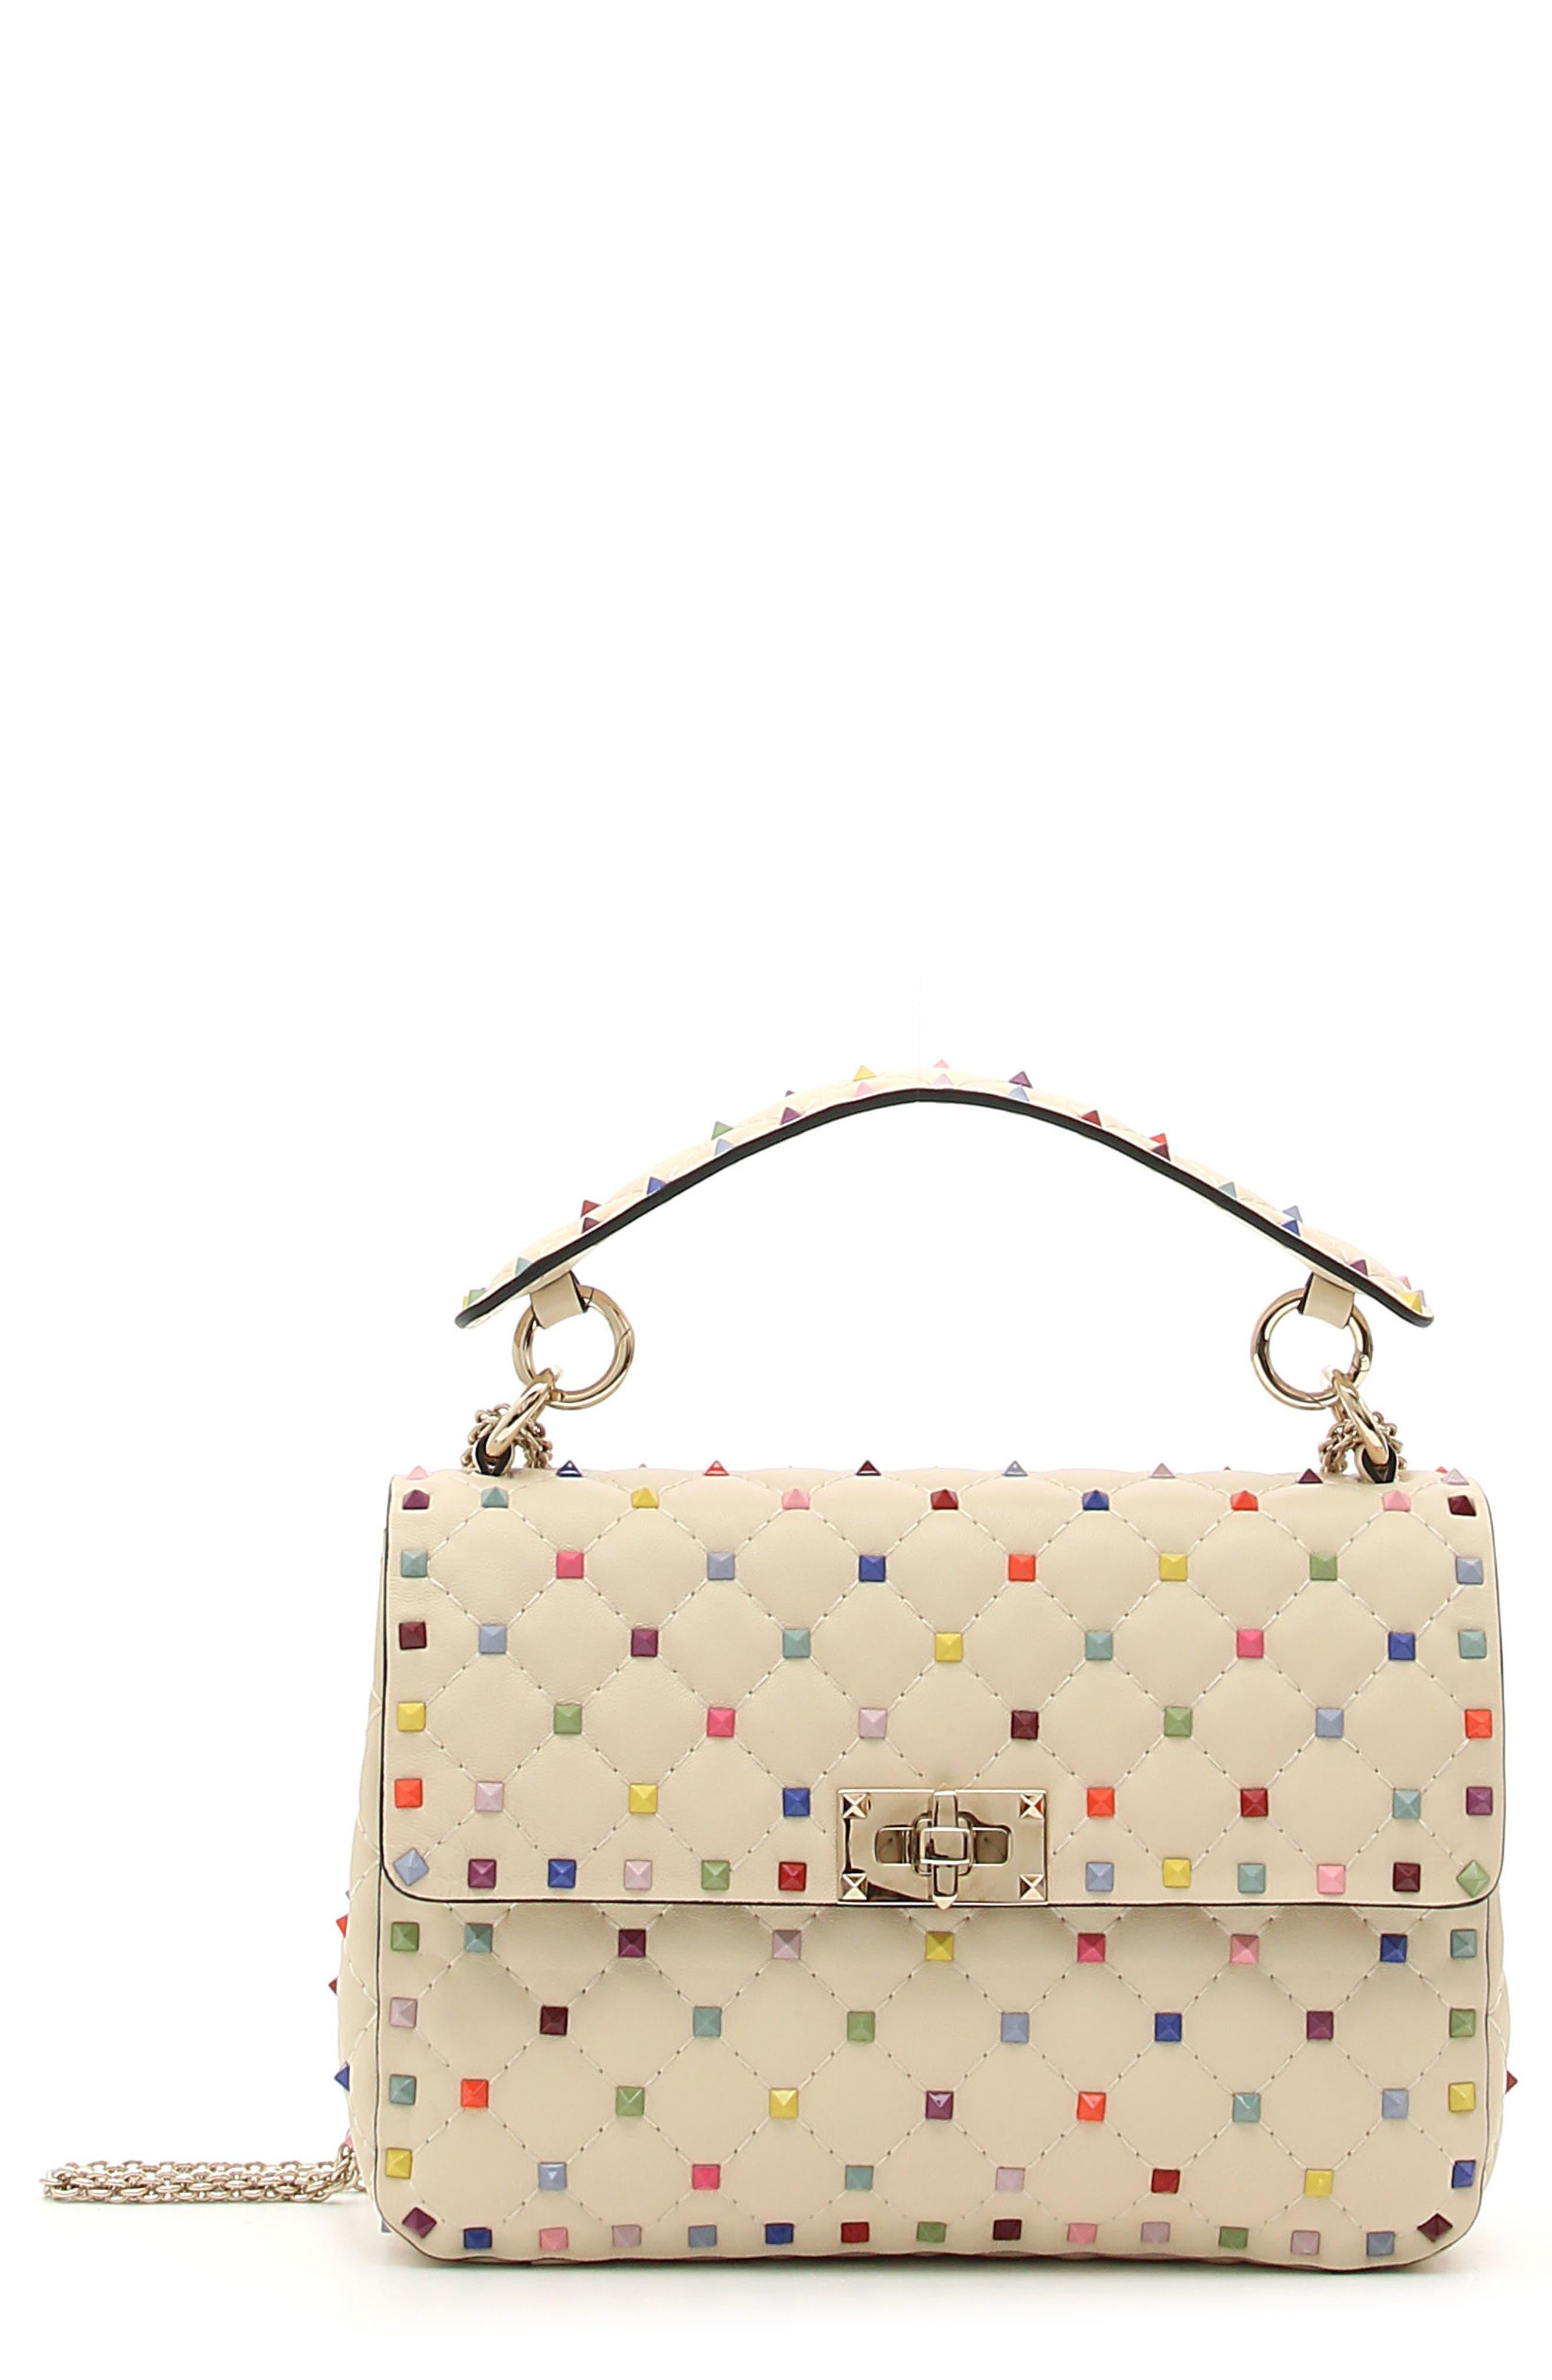 VALENTINO GARAVANI Medium Rainbow Rockstud Spike Leather Shoulder Bag